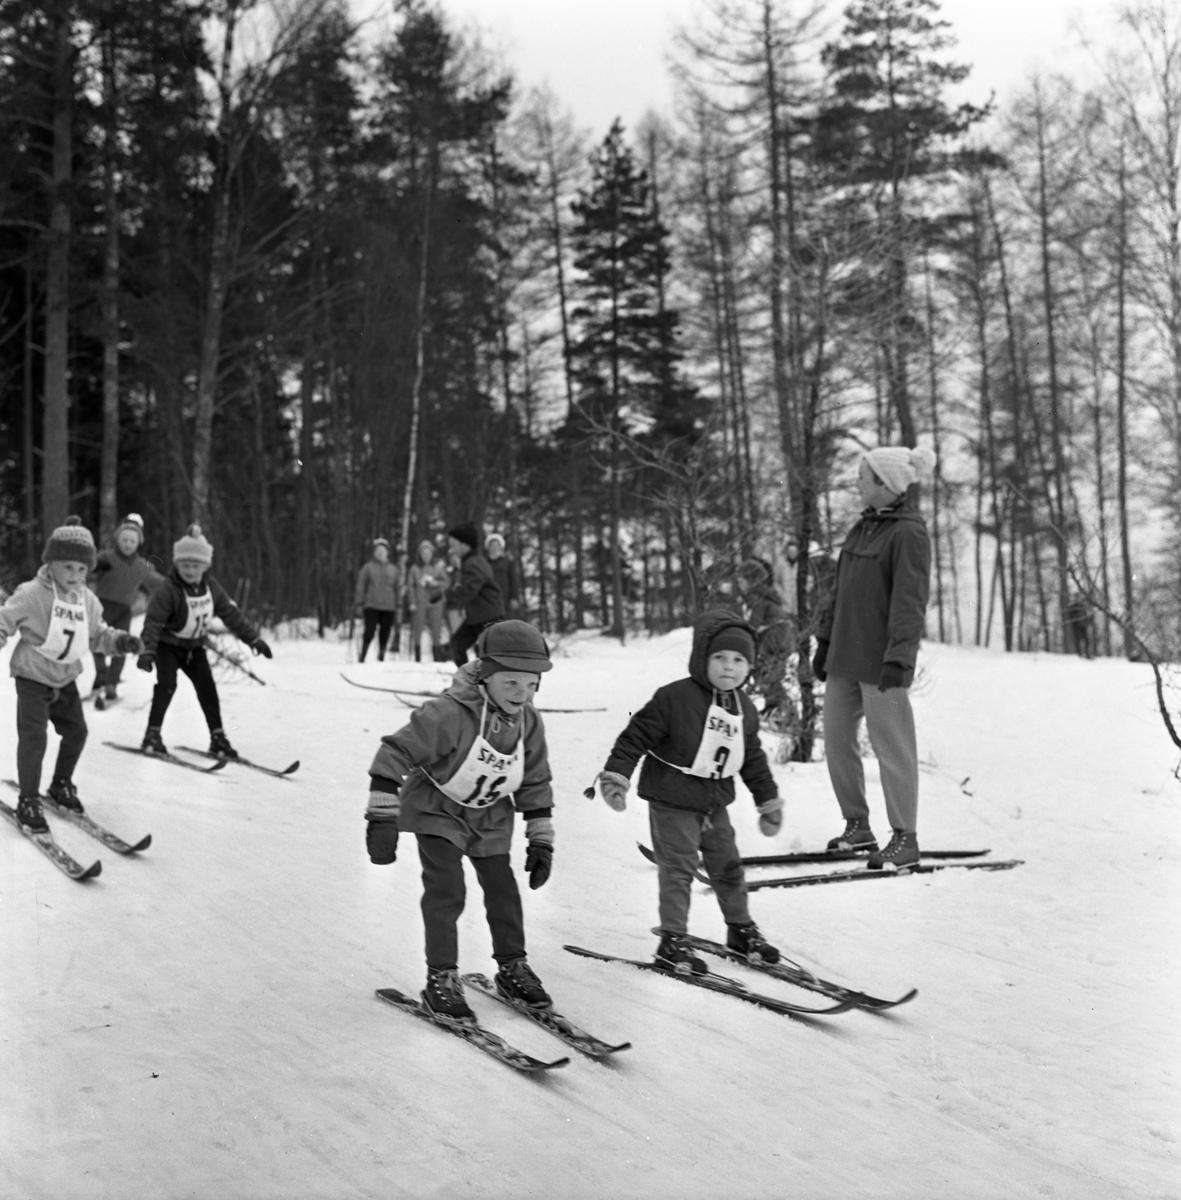 Barnskidskolans avslutning. Barn, försedda med nummerlappar, åker skidor nerför en backe. De har inga stavar. Några tittar på. En skog ses i bakgrunden.